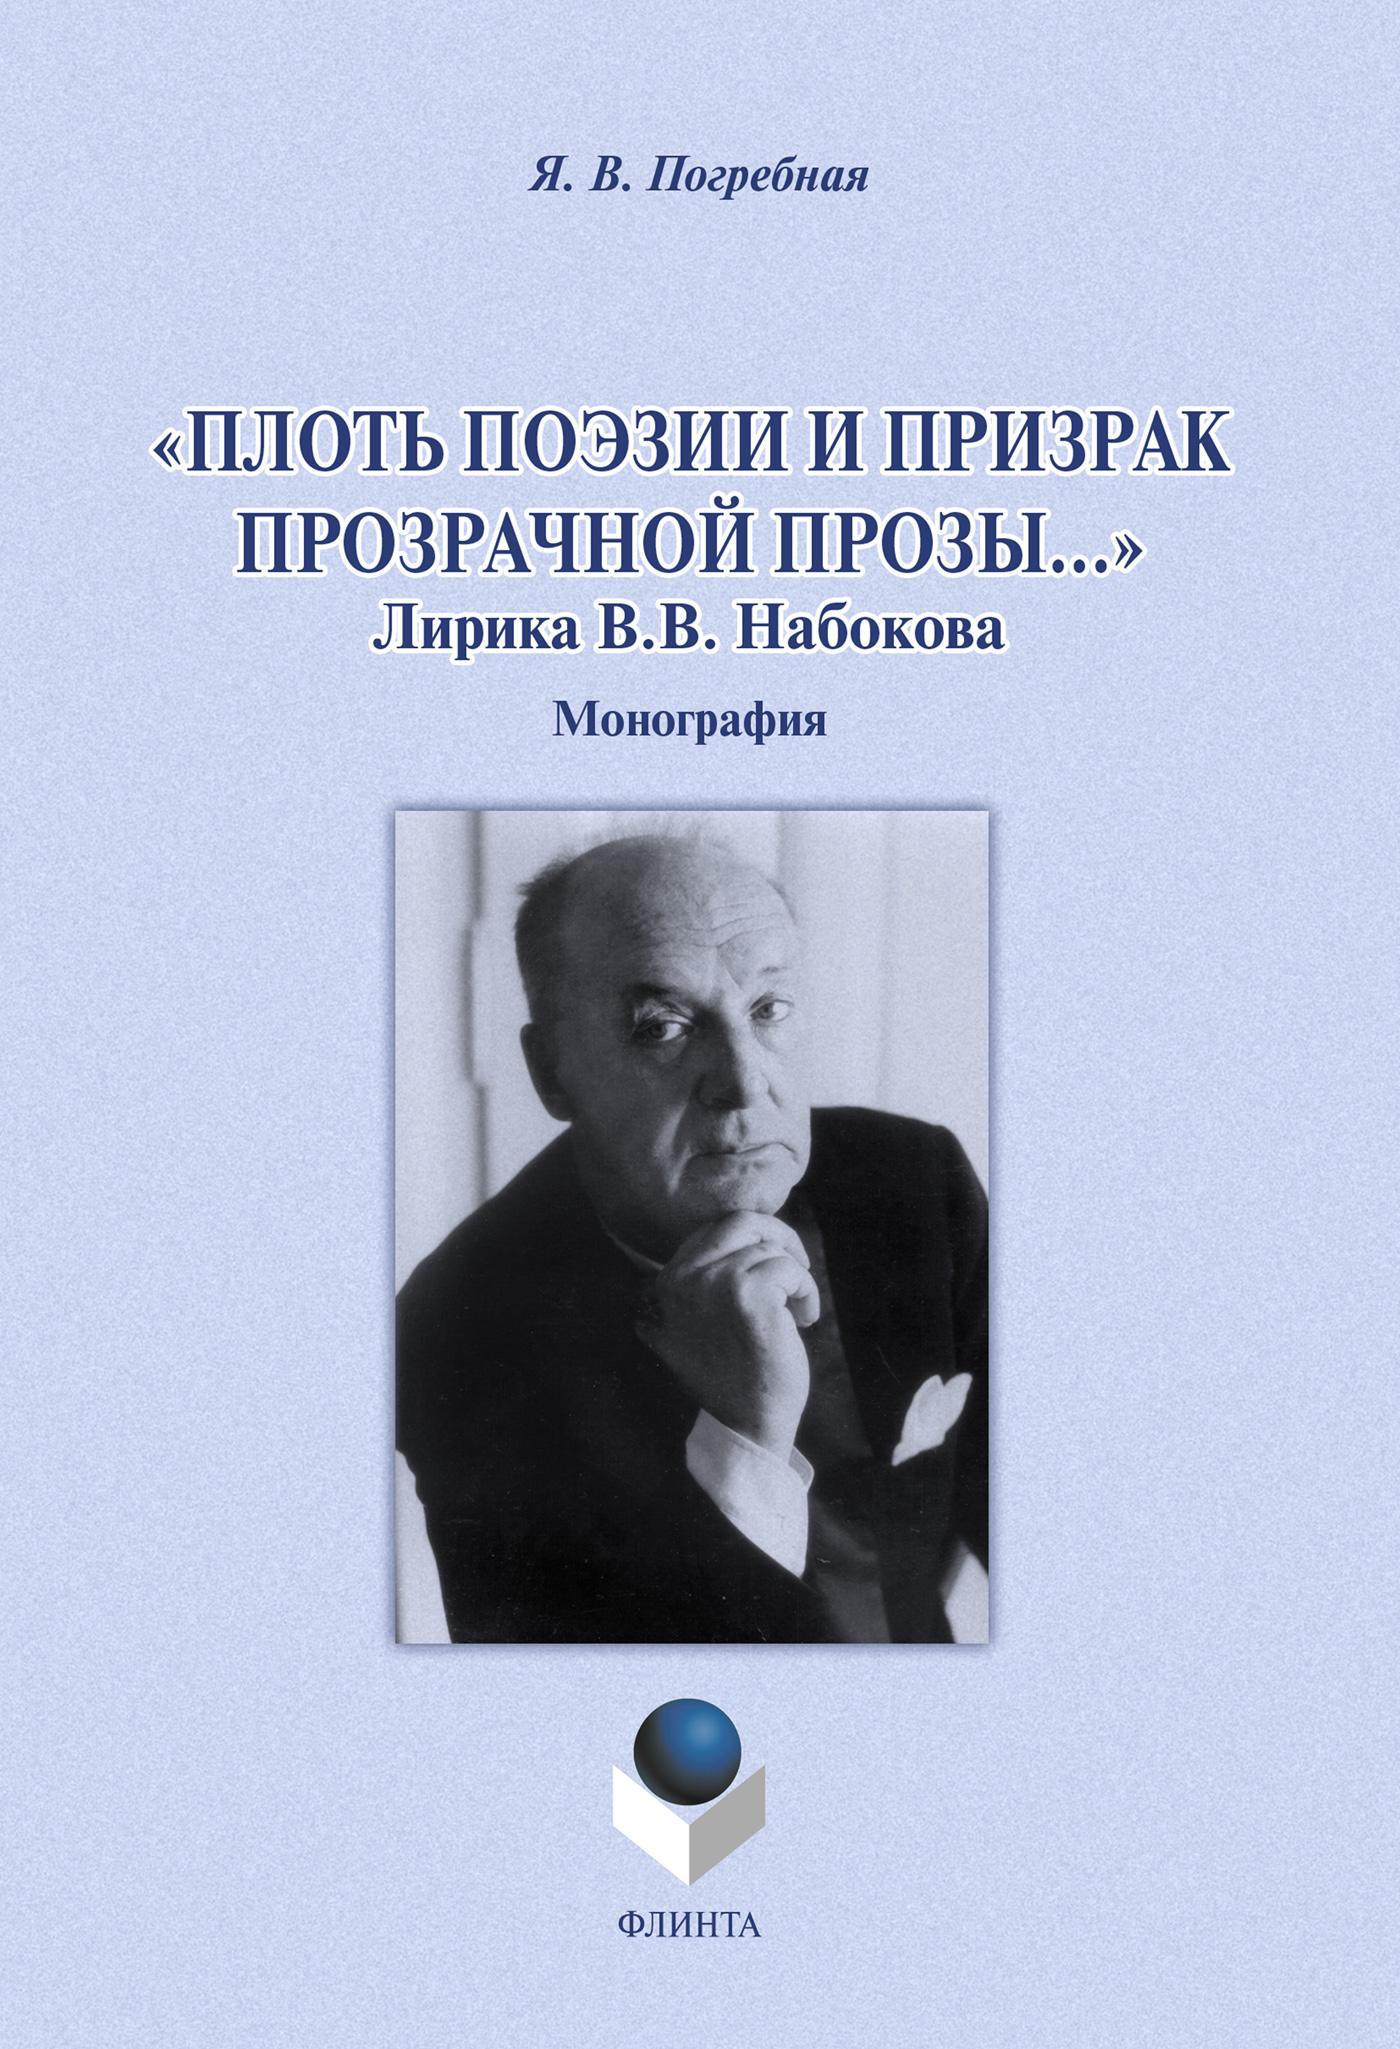 «Плоть поэзии и призрак прозрачной прозы…» Лирика В. В. Набокова